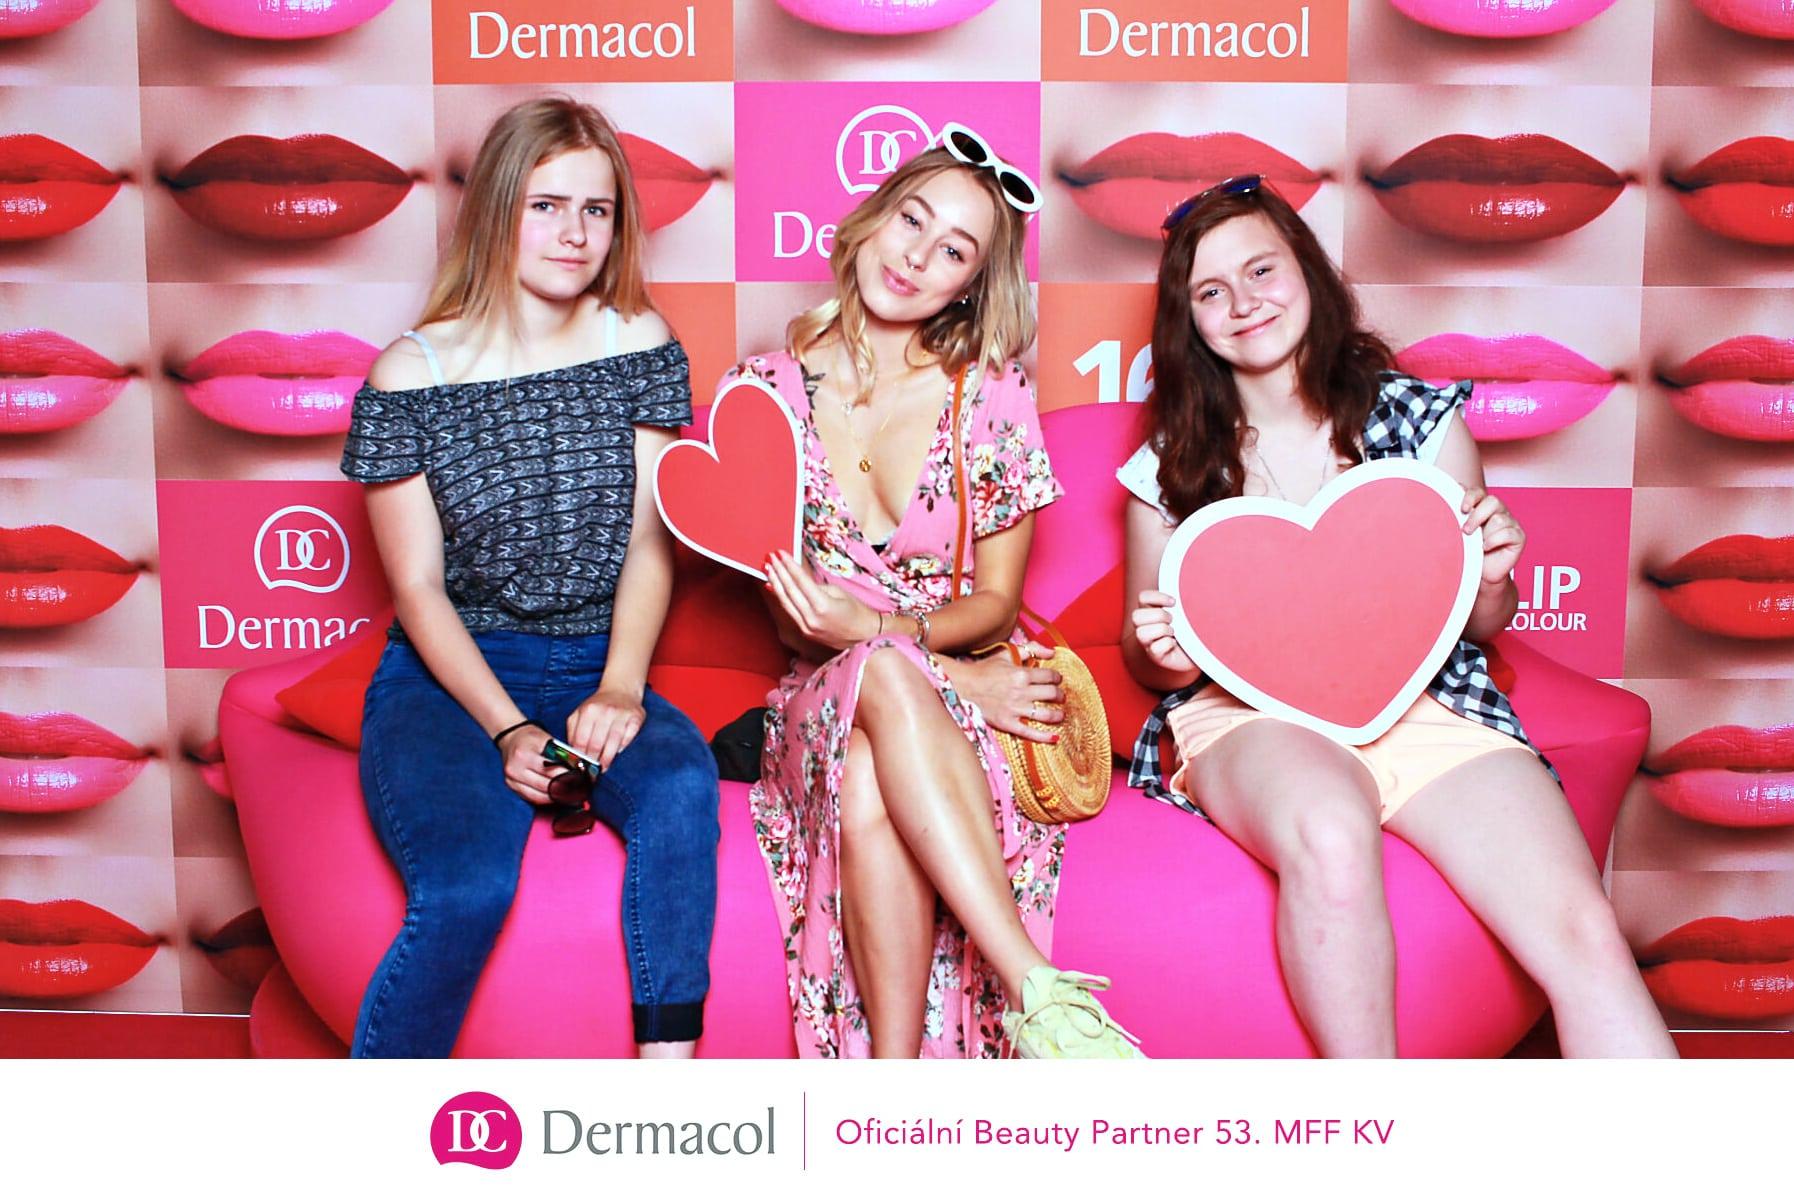 fotokoutek-dermacol-mff-kv-3-7-2018-453932